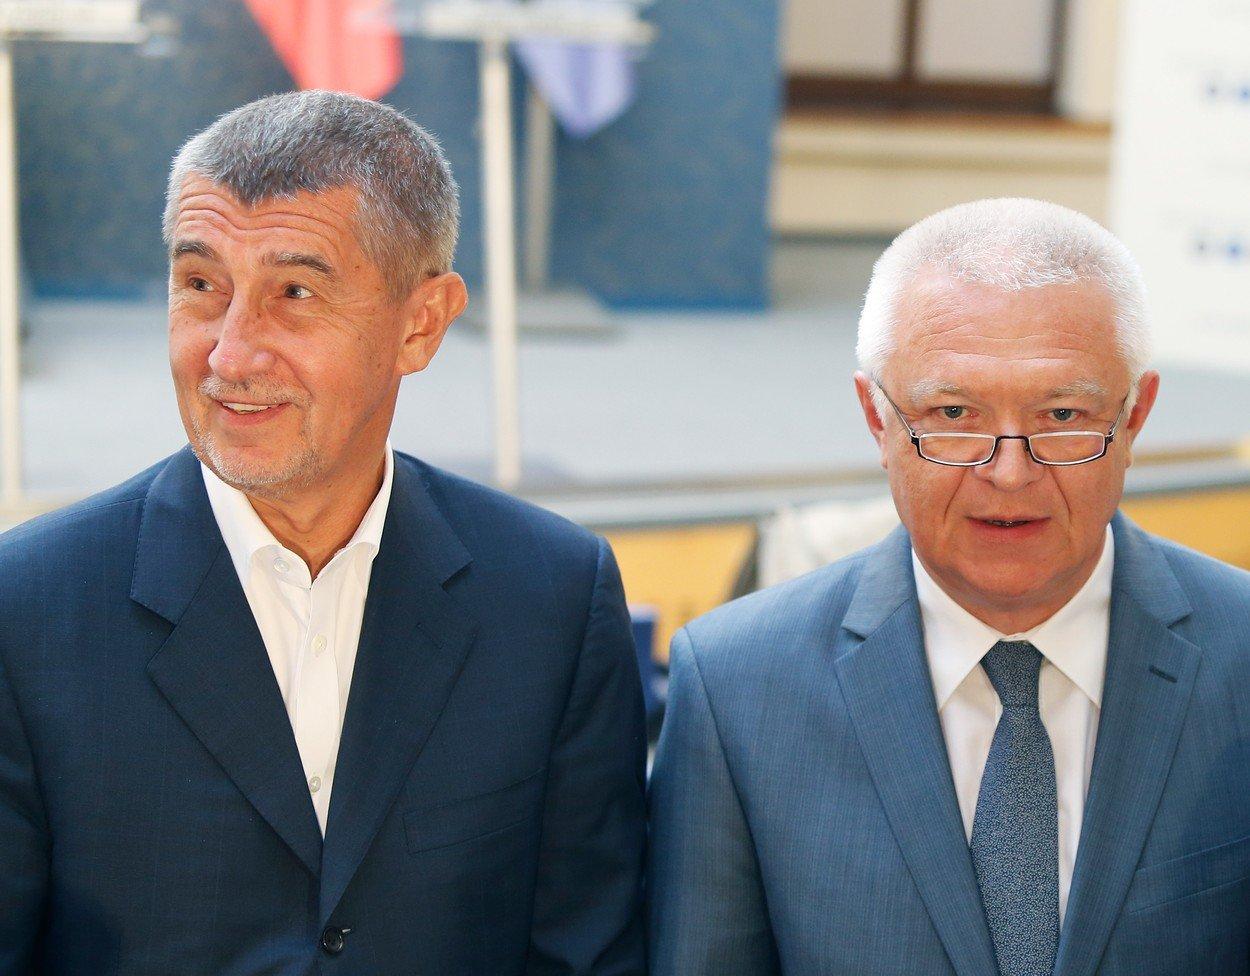 Nerozlučná dvojice? Andrej Babiš a Jaroslav Faltýnek to spolu táhnou už od roku 2001.